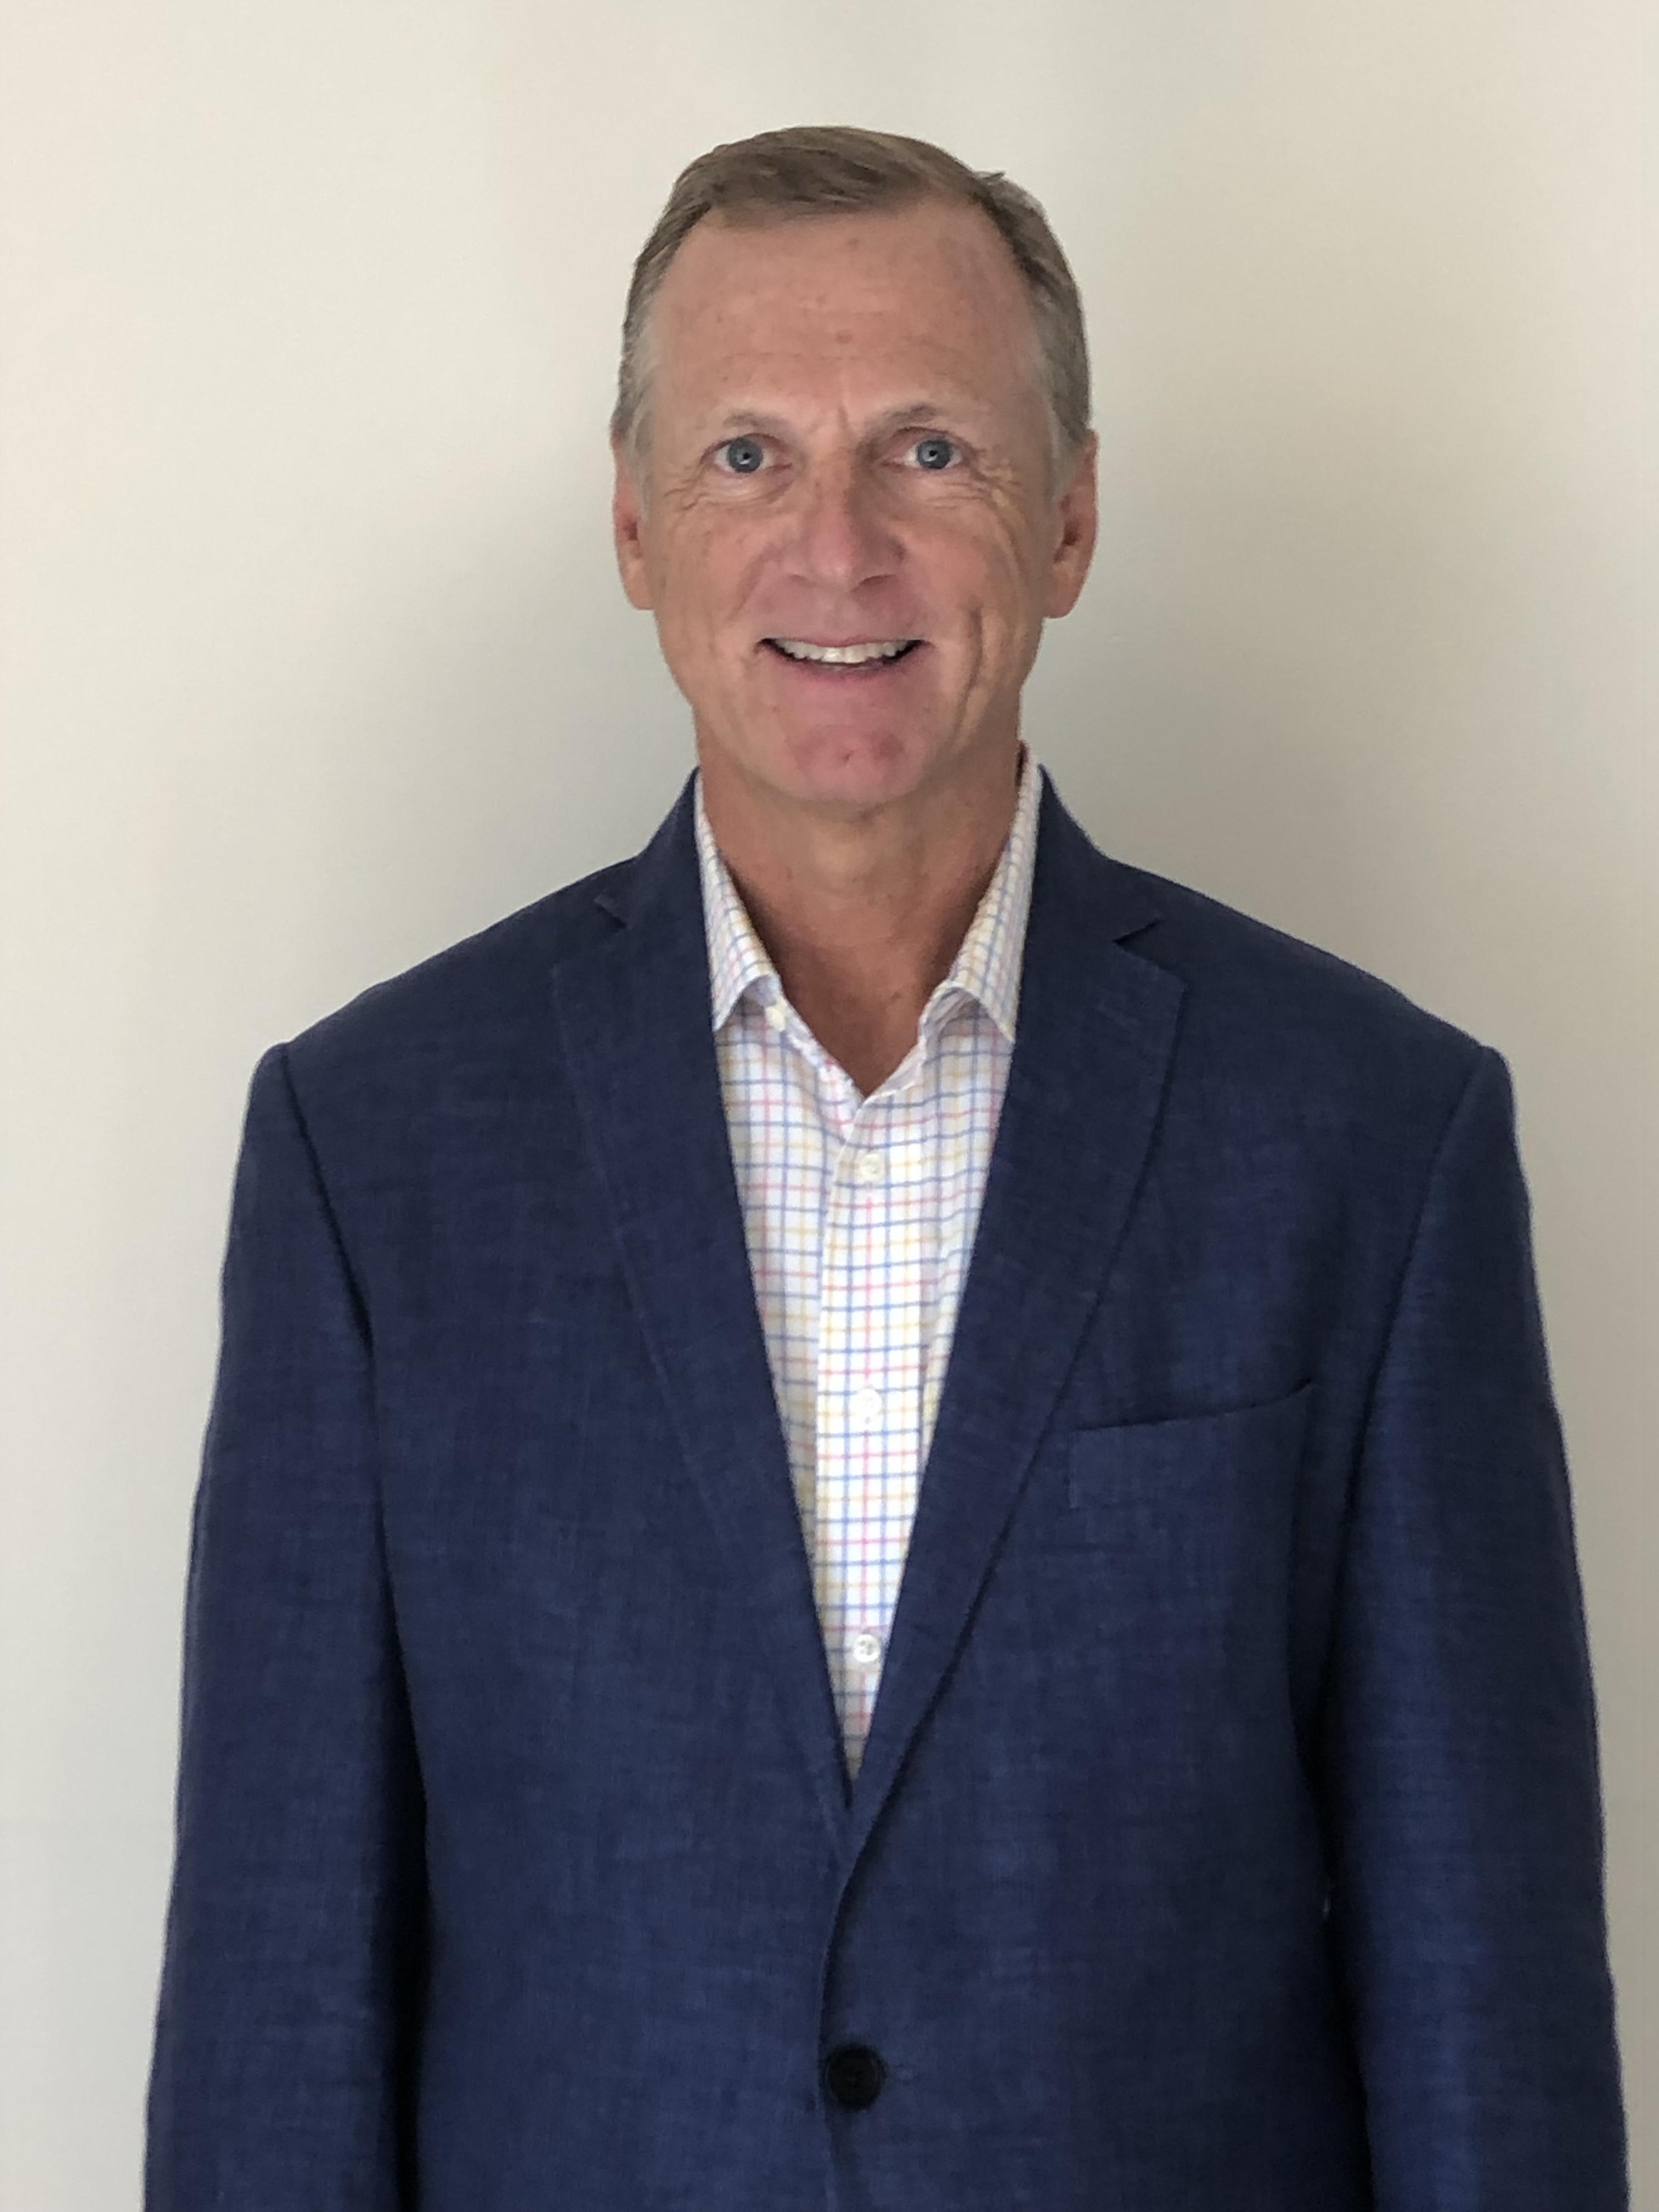 Dennis Kingsley